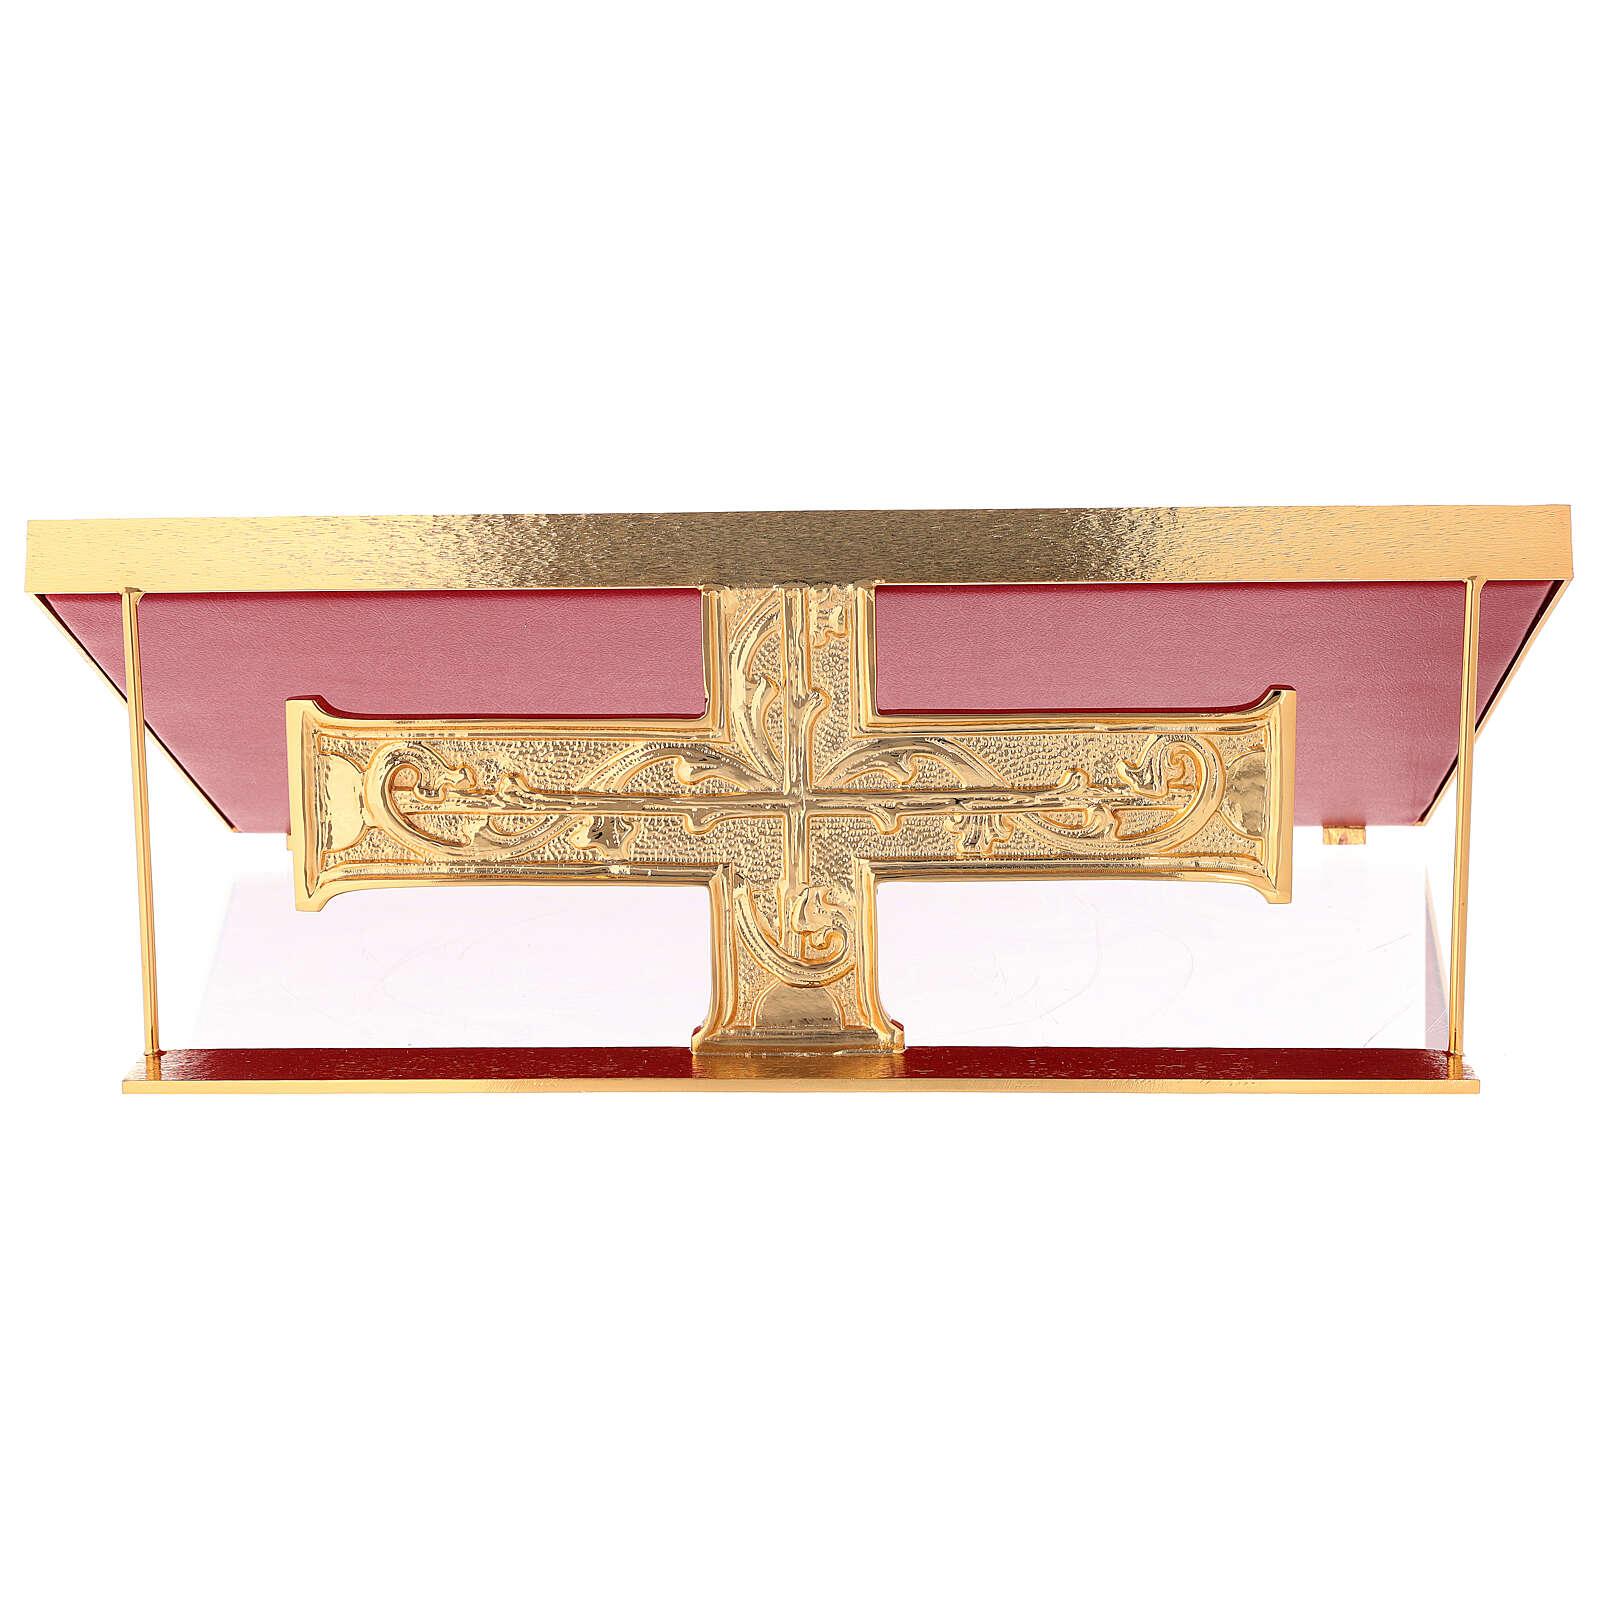 Leggio da mensa ottone fuso croce decorazioni barocche 4